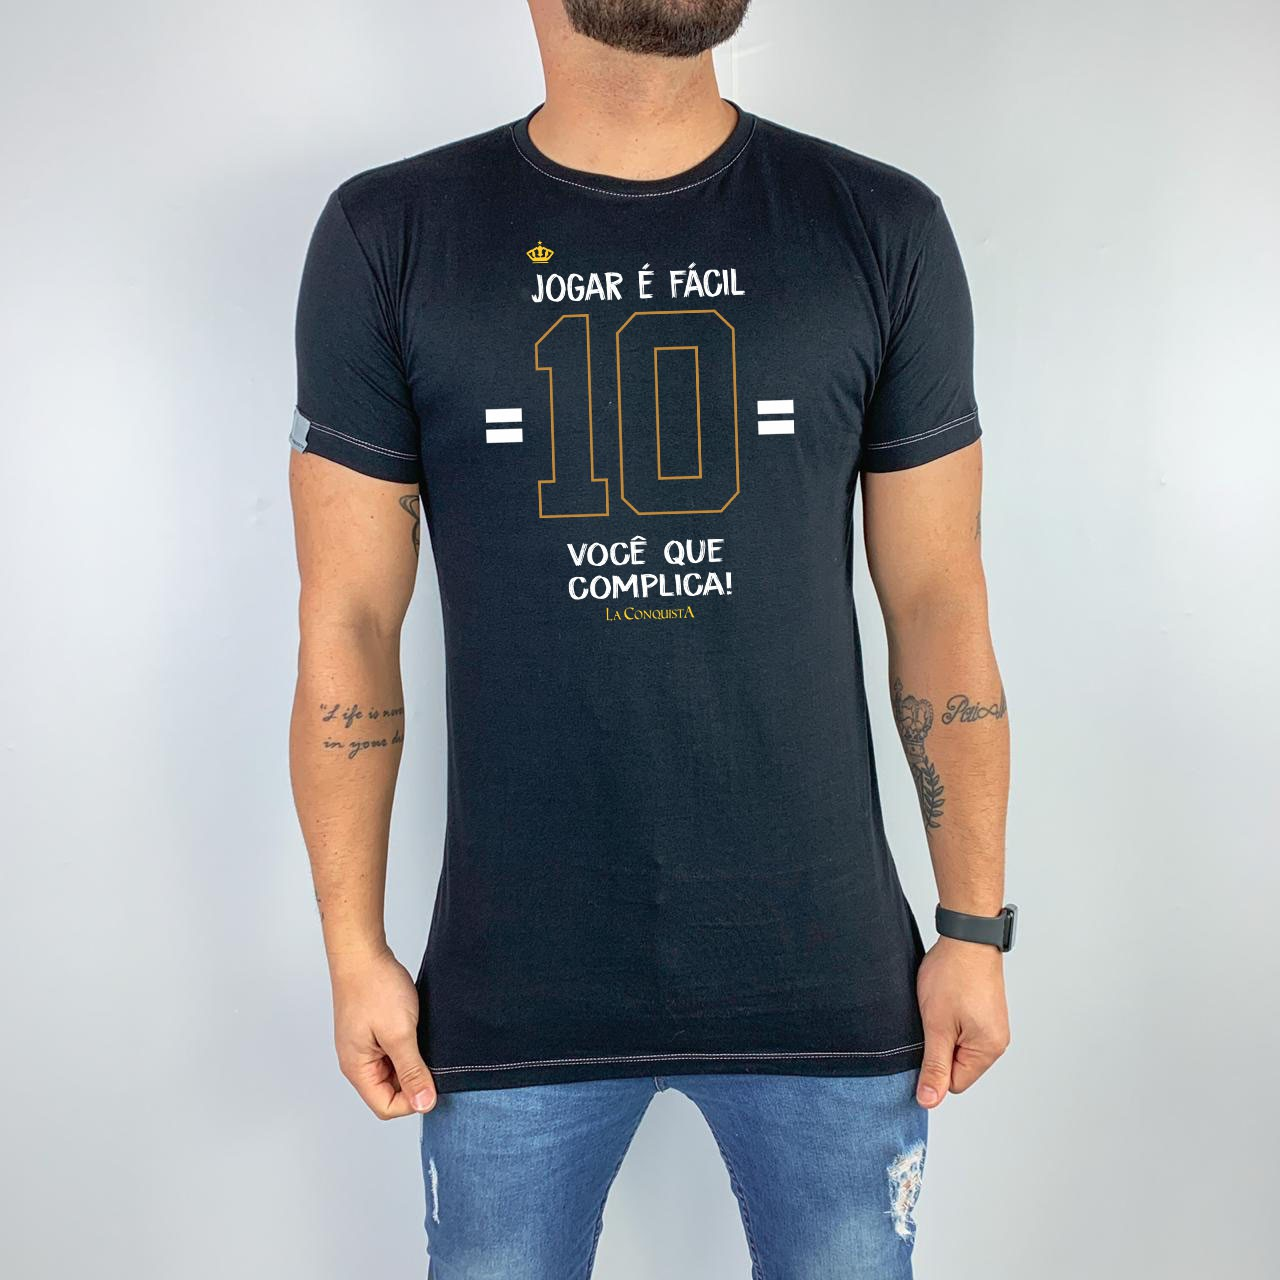 Camiseta Jogar é fácil, você que complica!